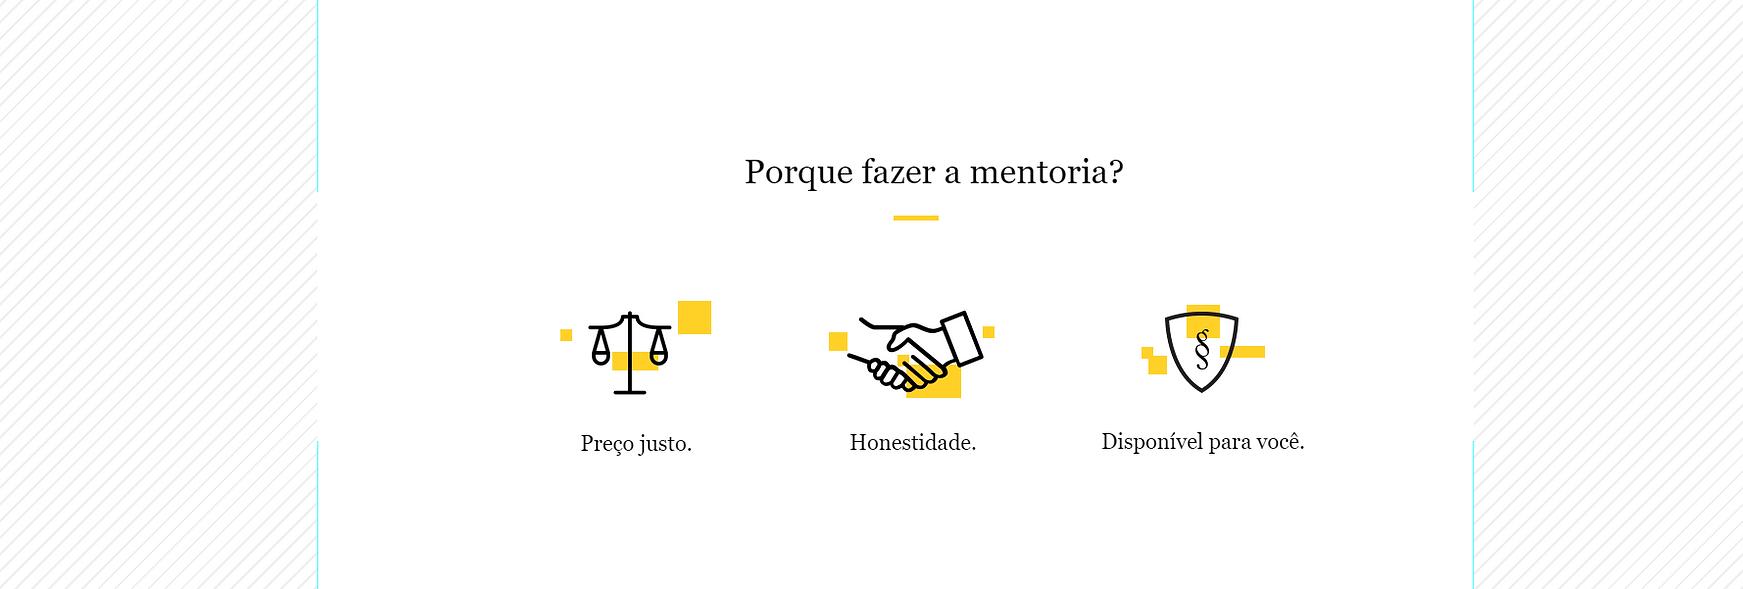 mentoria2.PNG